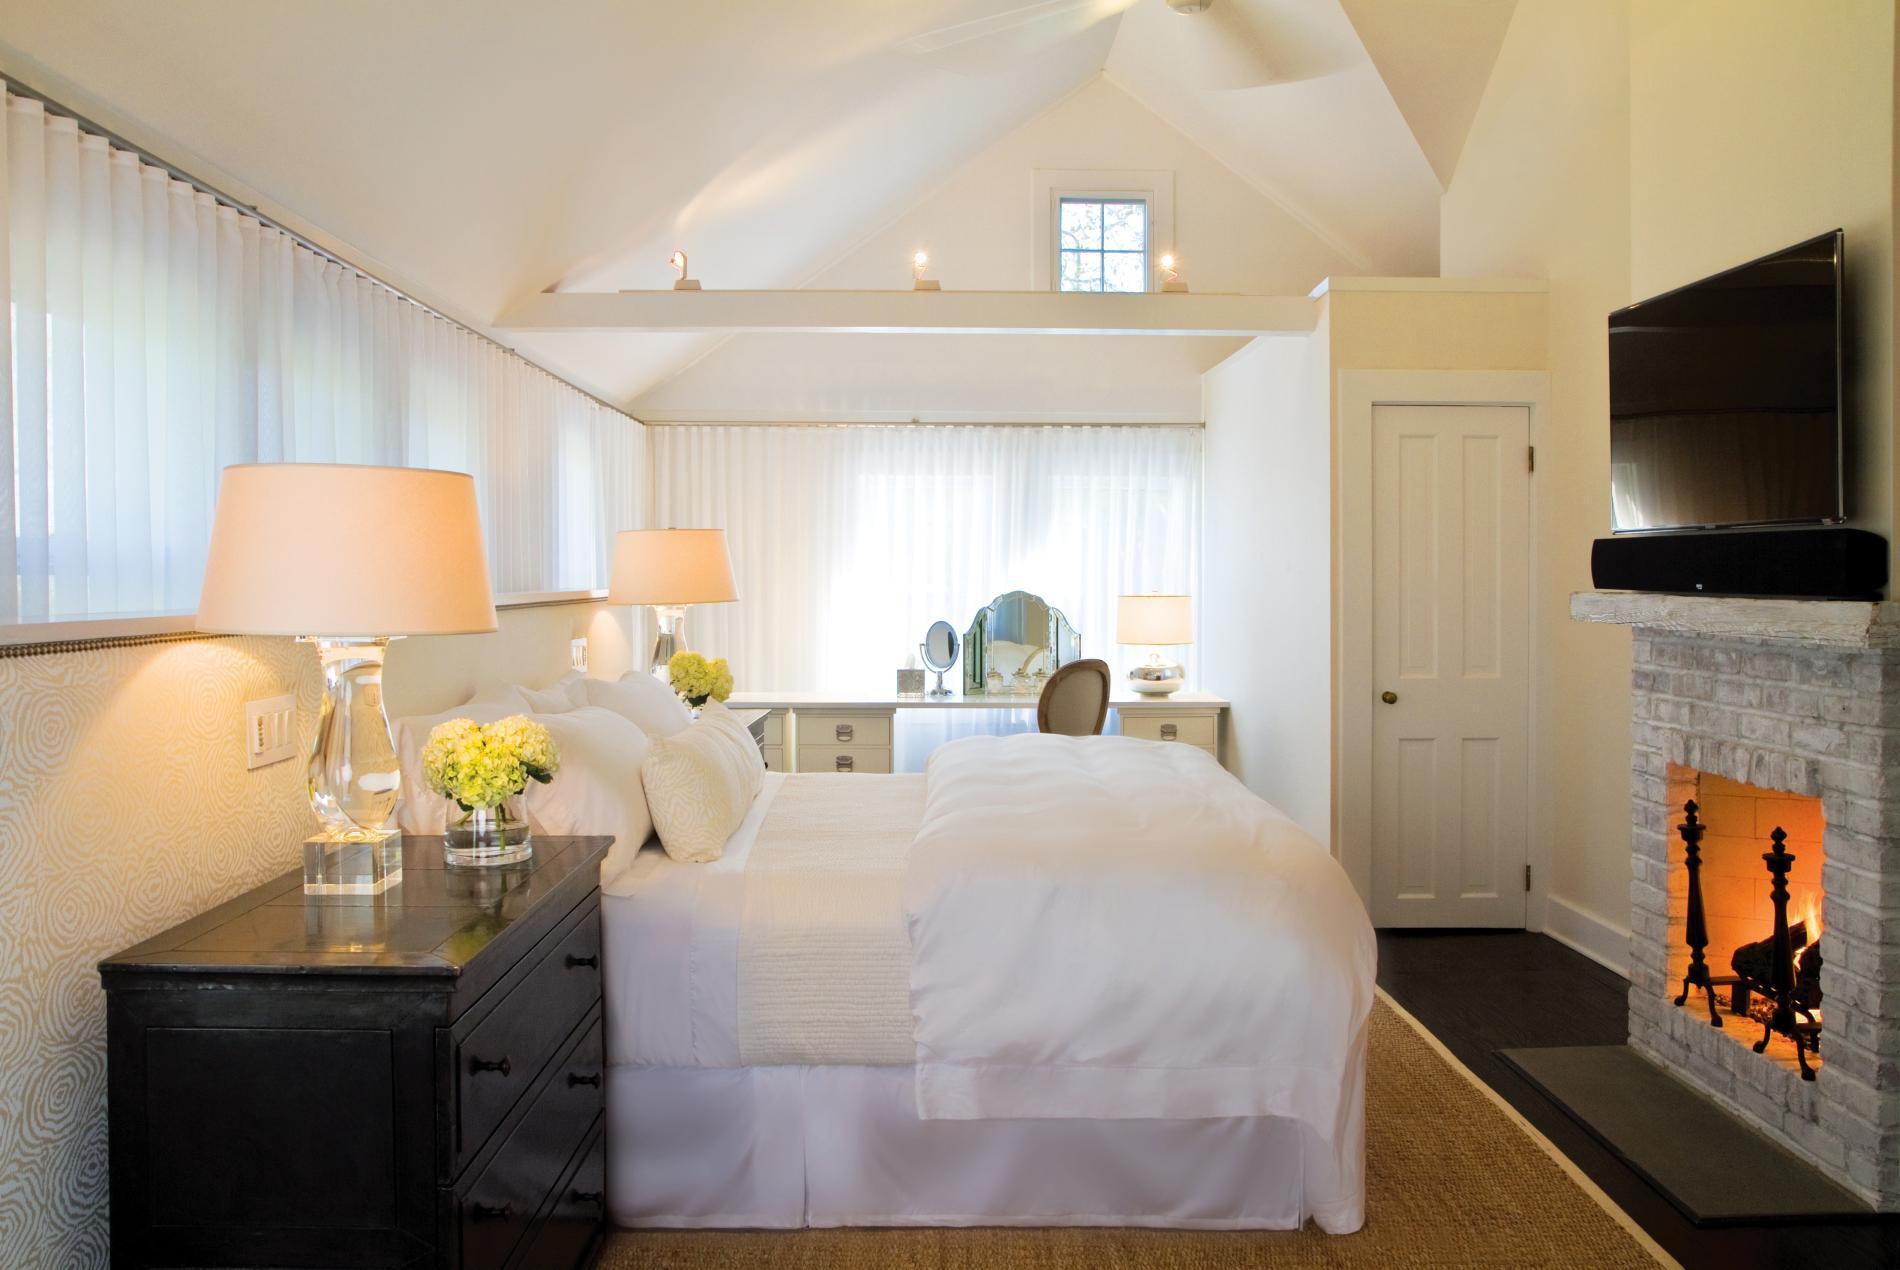 дизайн интерьера спальни в мансарде.jpg